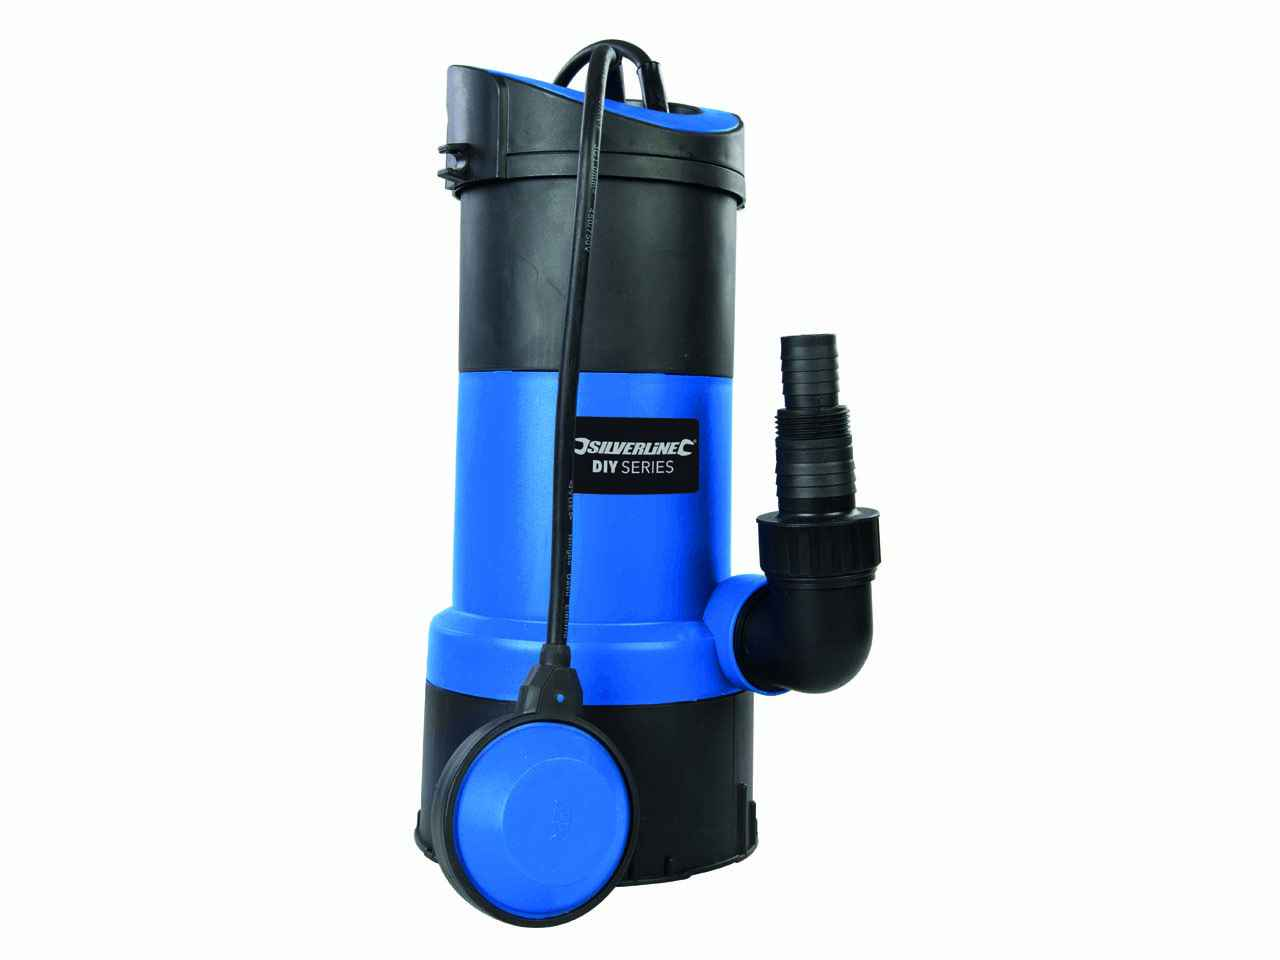 Silverline 917615 750w Diy Clean Dirty Water Pump